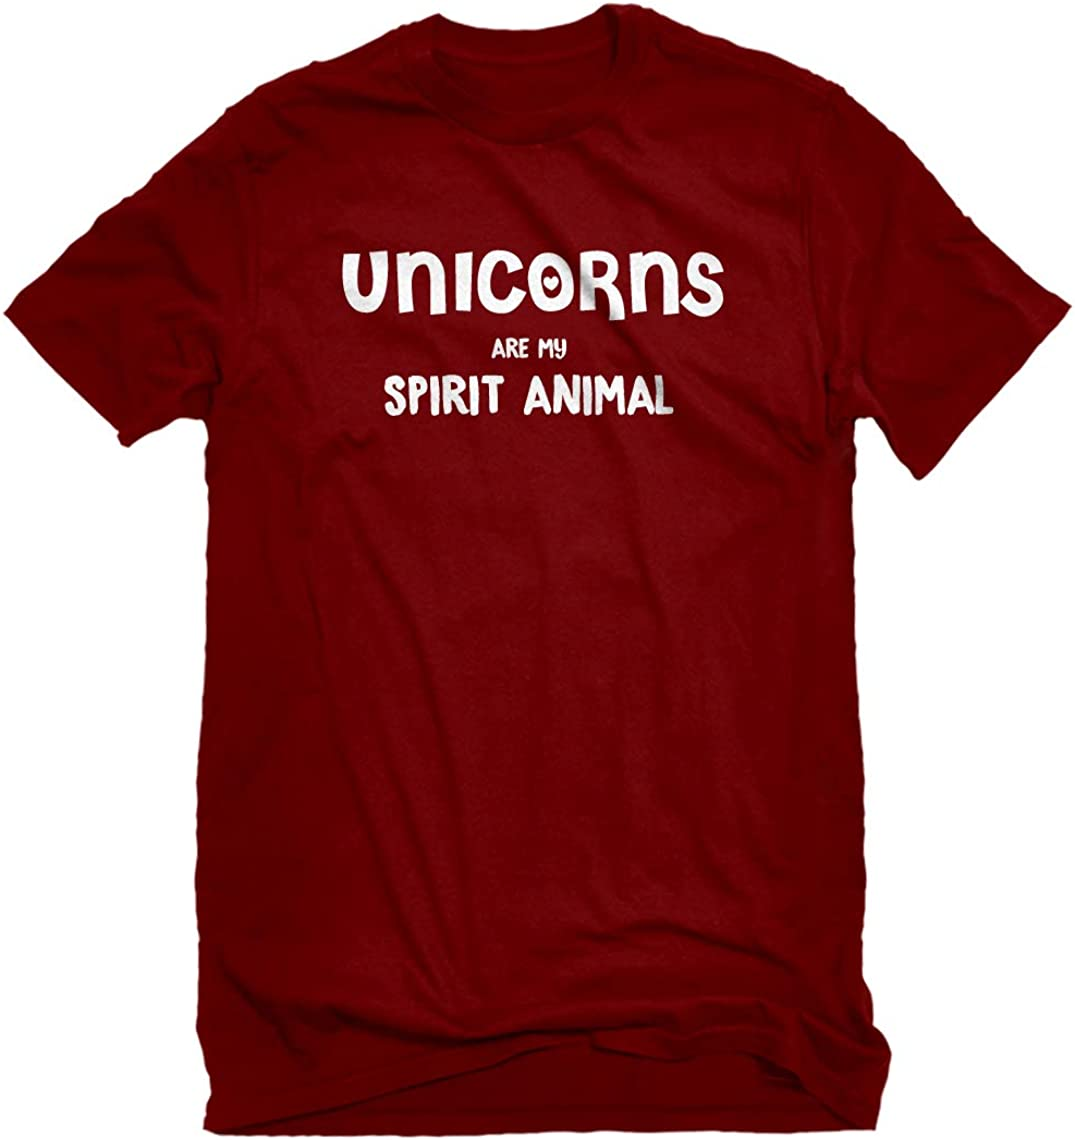 Unicorns are My Spirit Animal Shirt